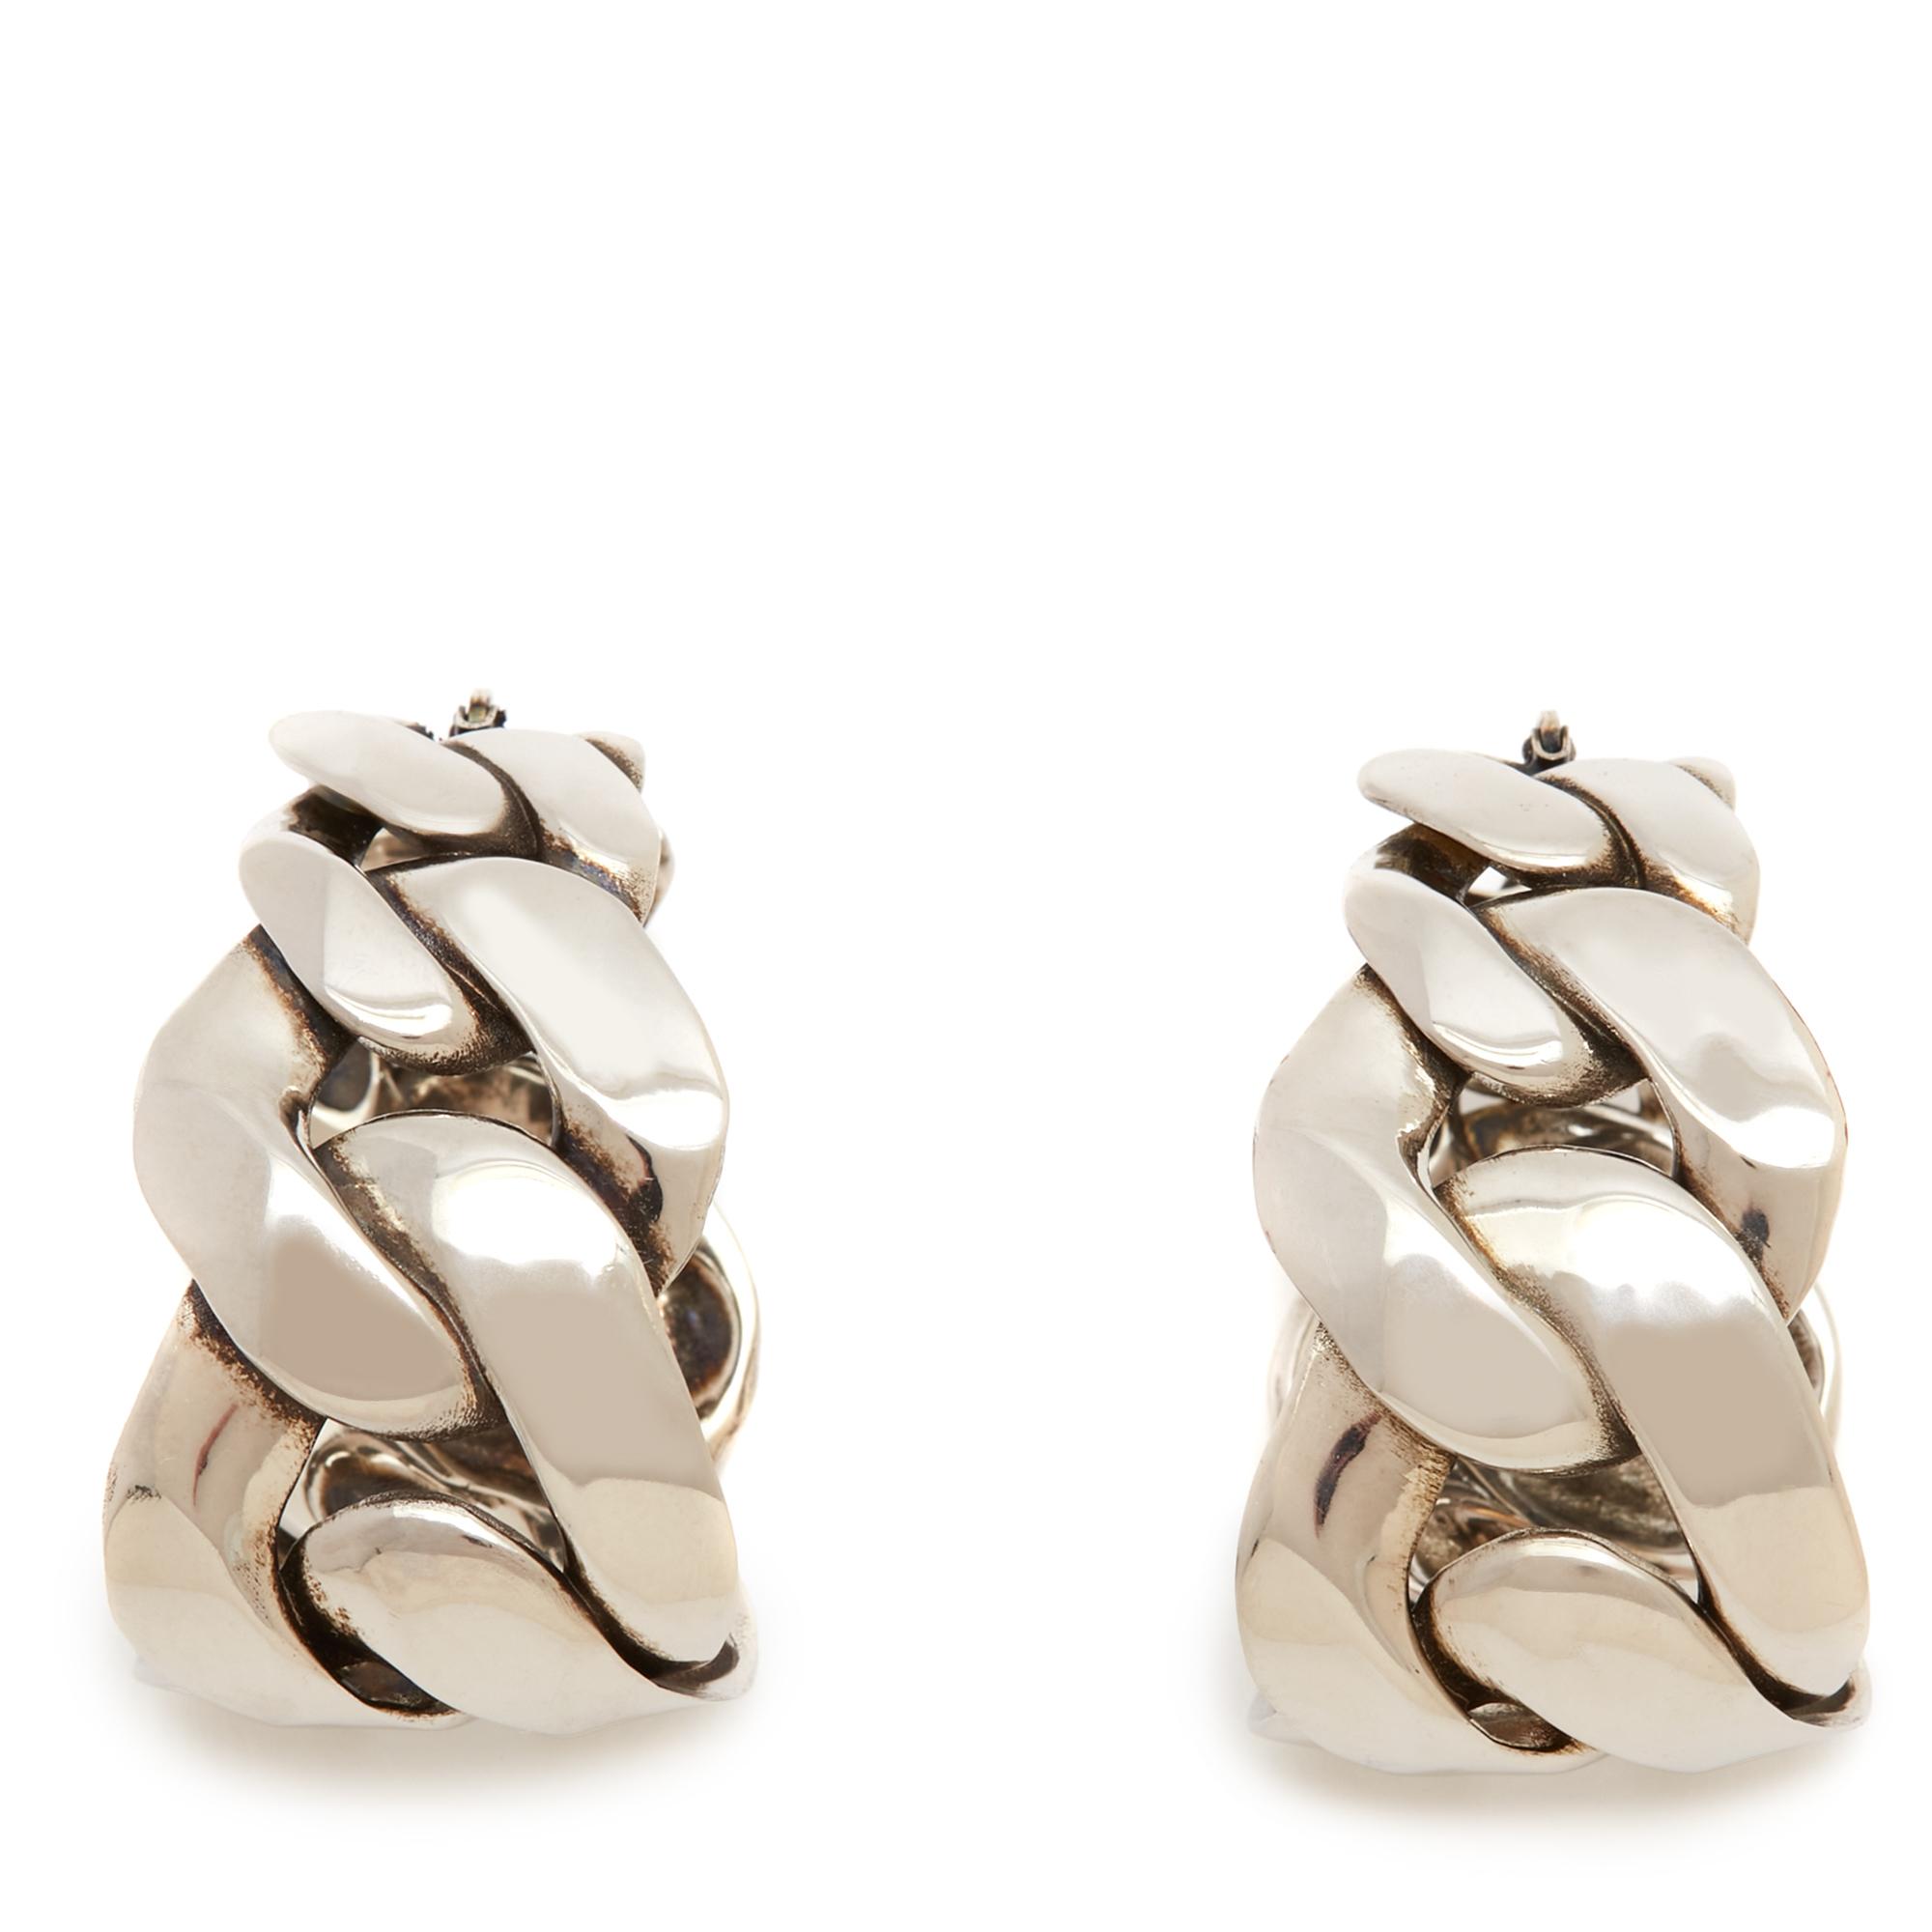 أقراط بتصميم سلسلة Chain من اليكساندر ماكوين Alexande McQueen